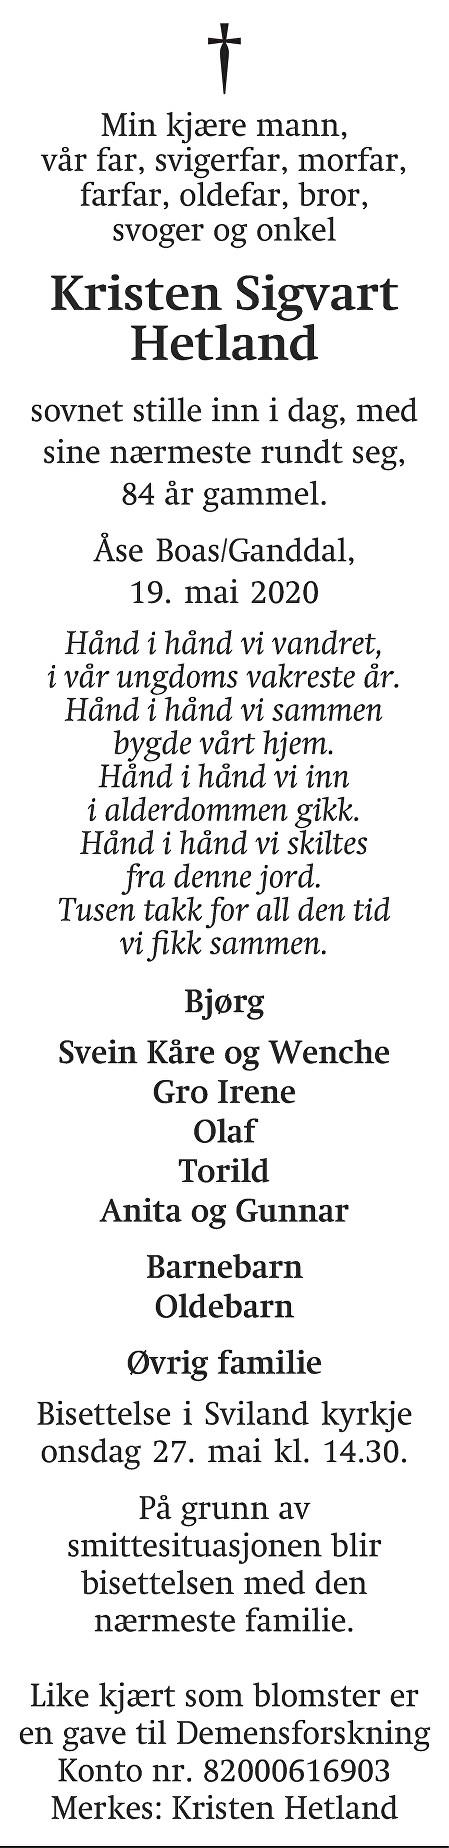 Kristen Sigvart Hetland Dødsannonse